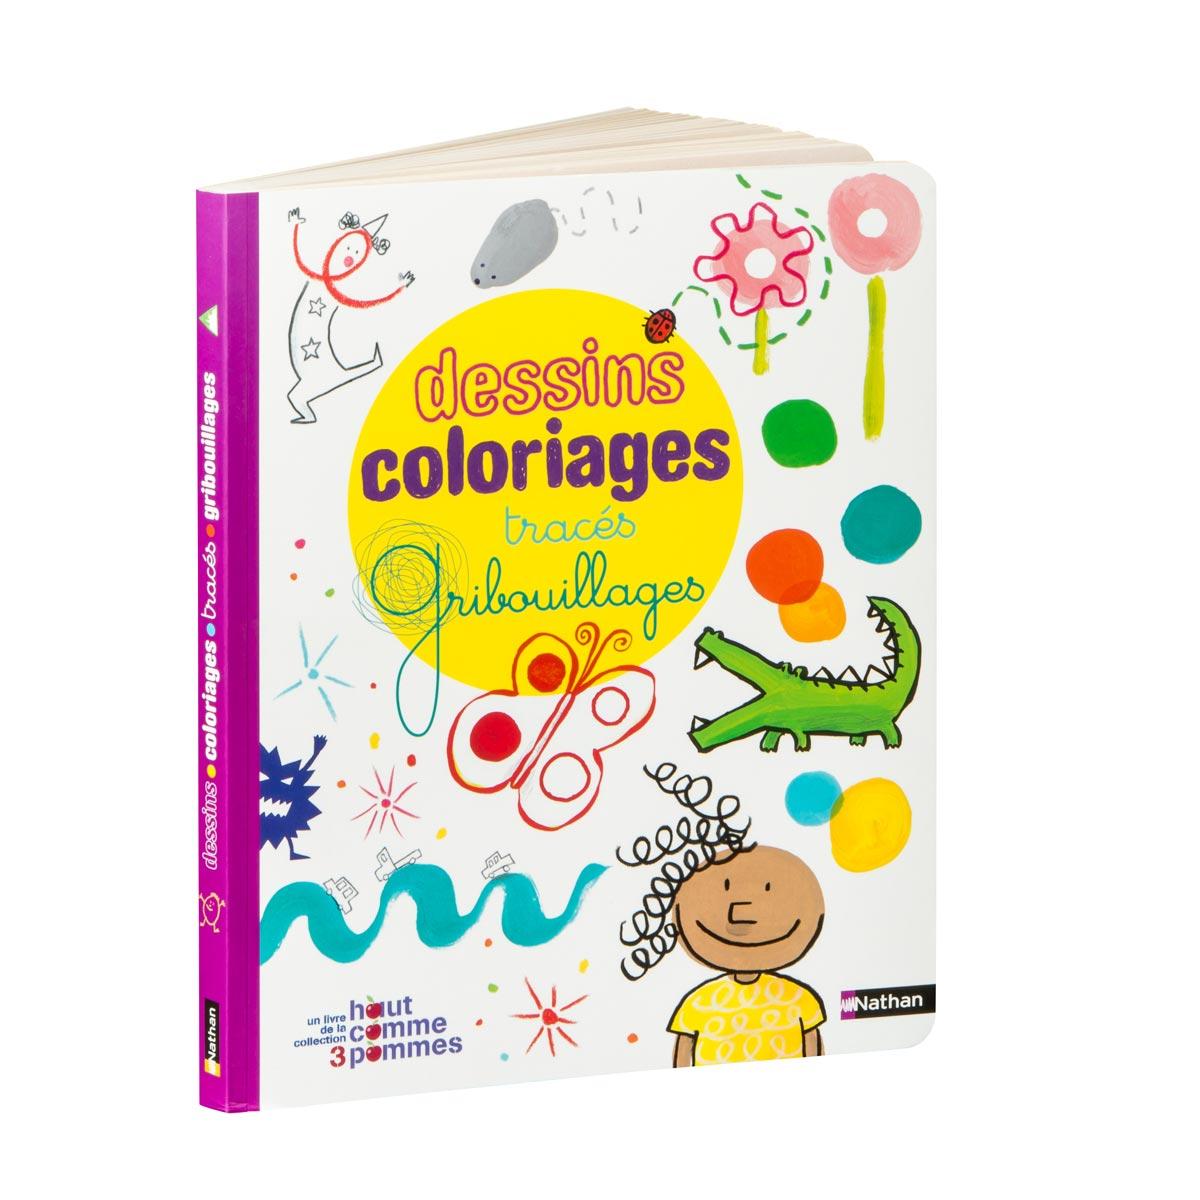 Livre Dessins Coloriages Tracés Gribouillages intérieur Cahier De Coloriage Enfant